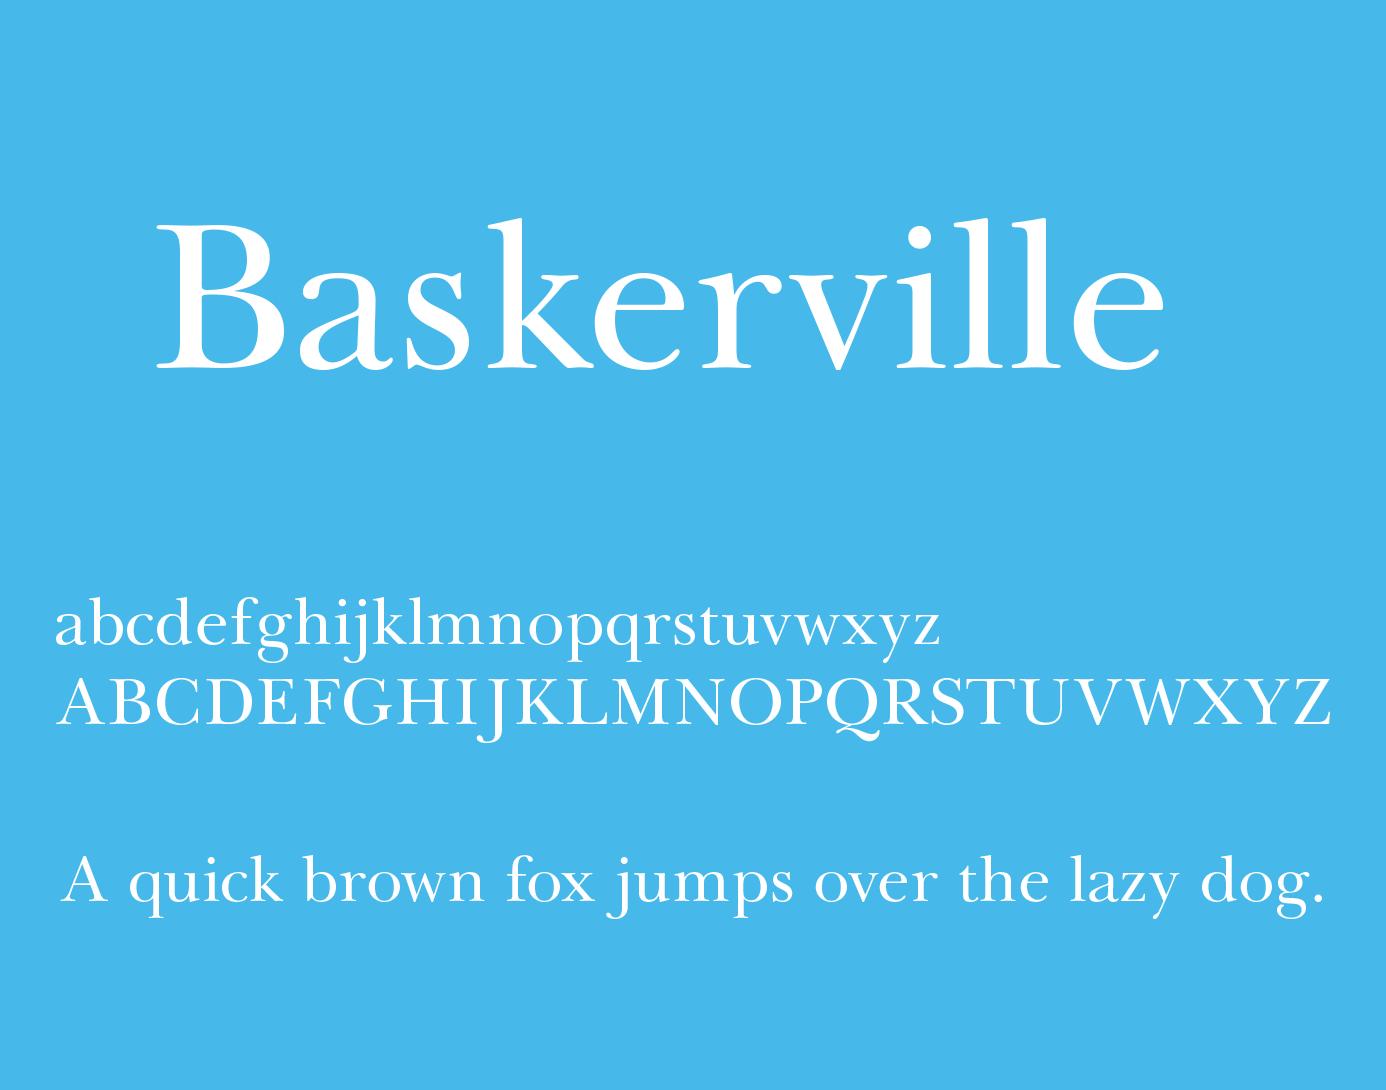 baskerville-font